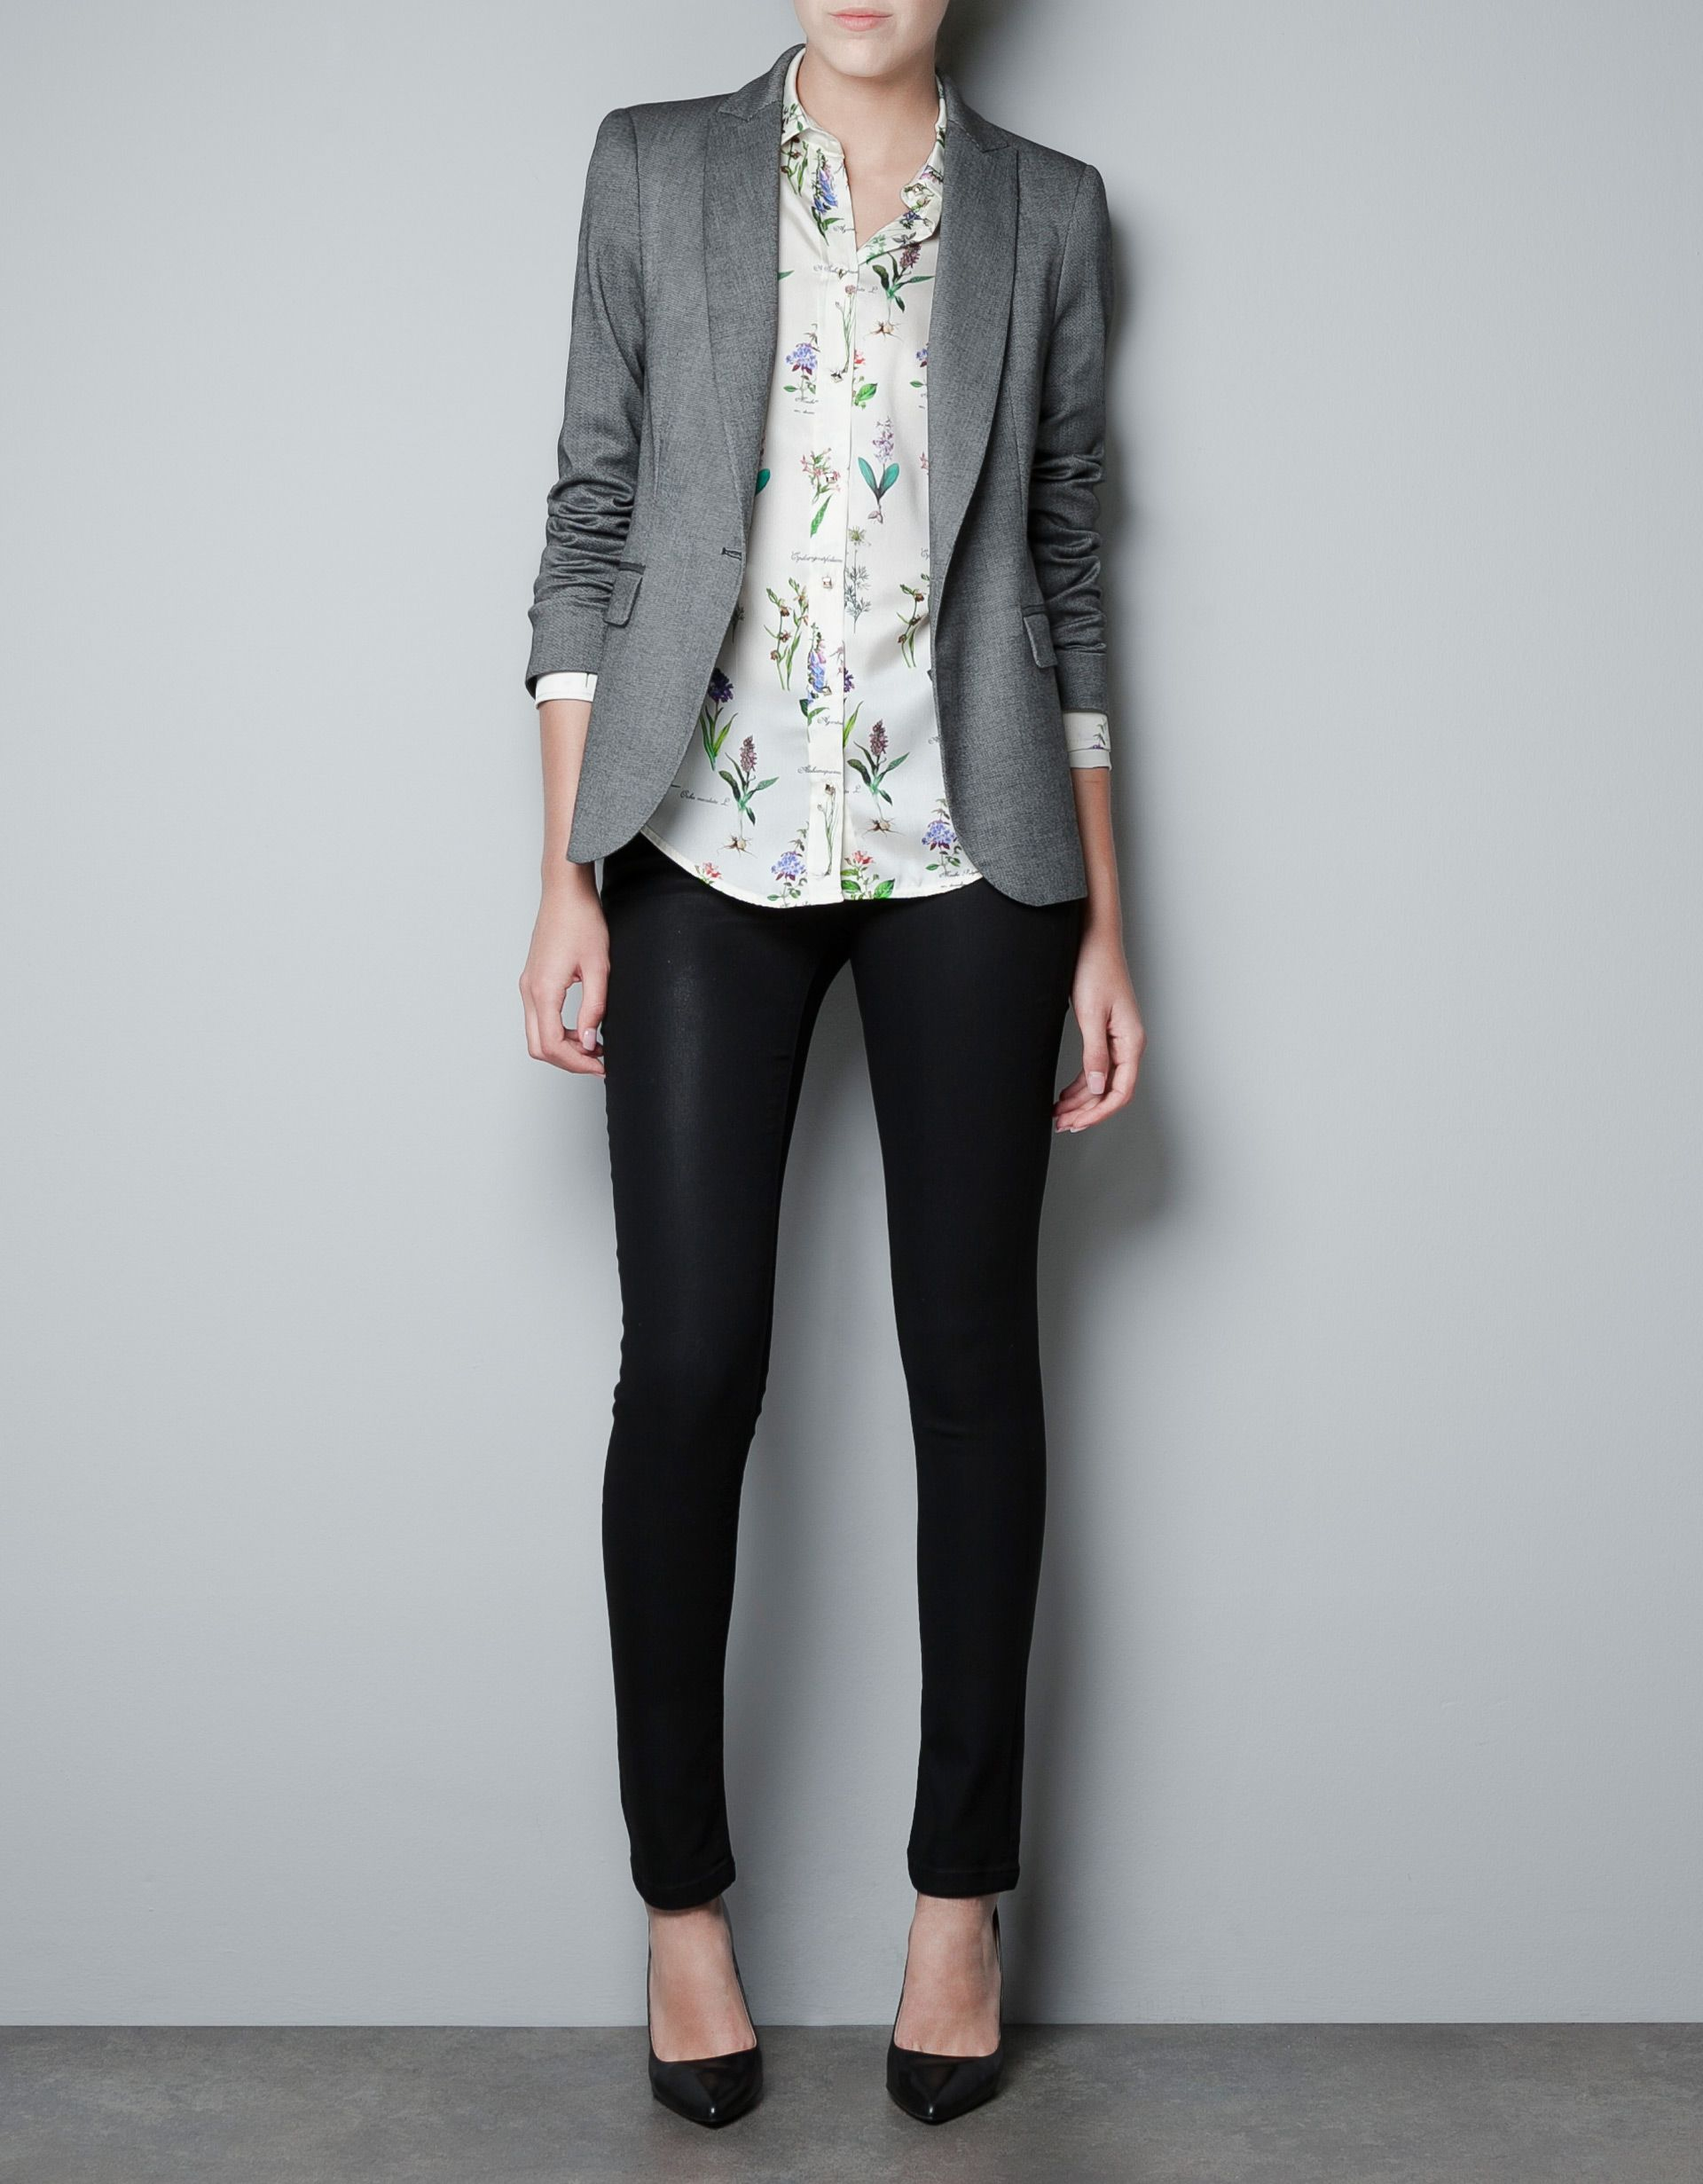 SINGLE BUTTON BLAZER - Blazers - Woman - ZARA - I really need a good blazer. For work.